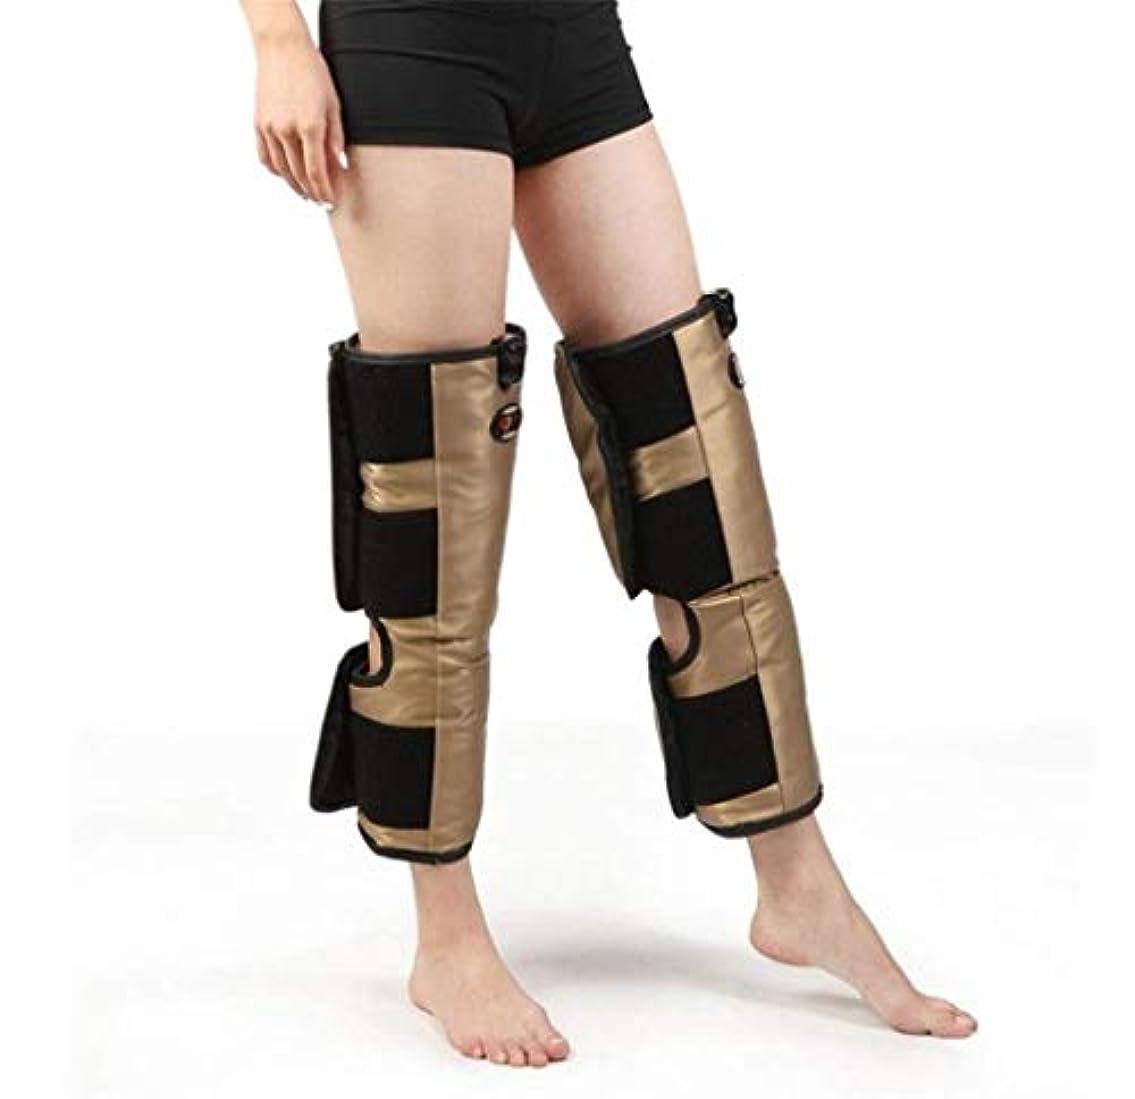 の頭の上エレベーター極端な脚マッサージャー、電気膝ブレース、oxiホット圧縮振動マッサージ療法、多機能電気加熱膝理学療法機器